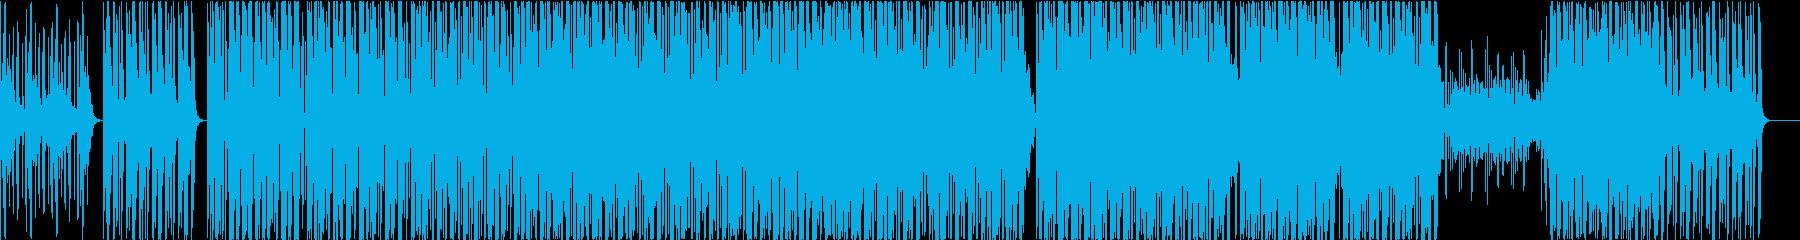 ほのぼのと恐竜を観察する様子の再生済みの波形